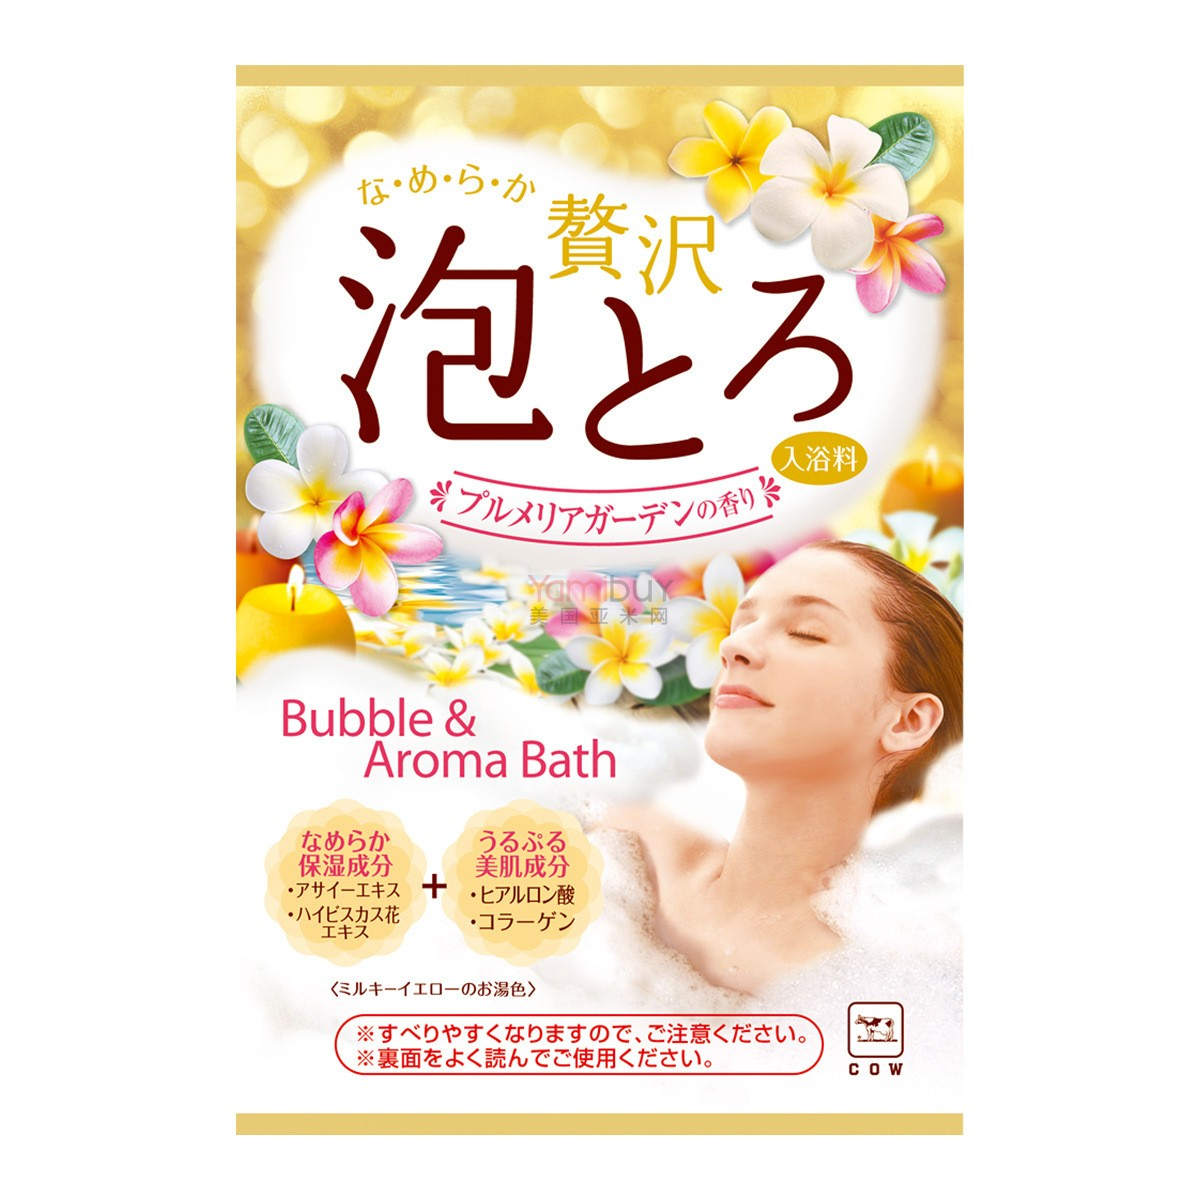 COW Bubble & Aroma Bath Plumeria Garden 30g